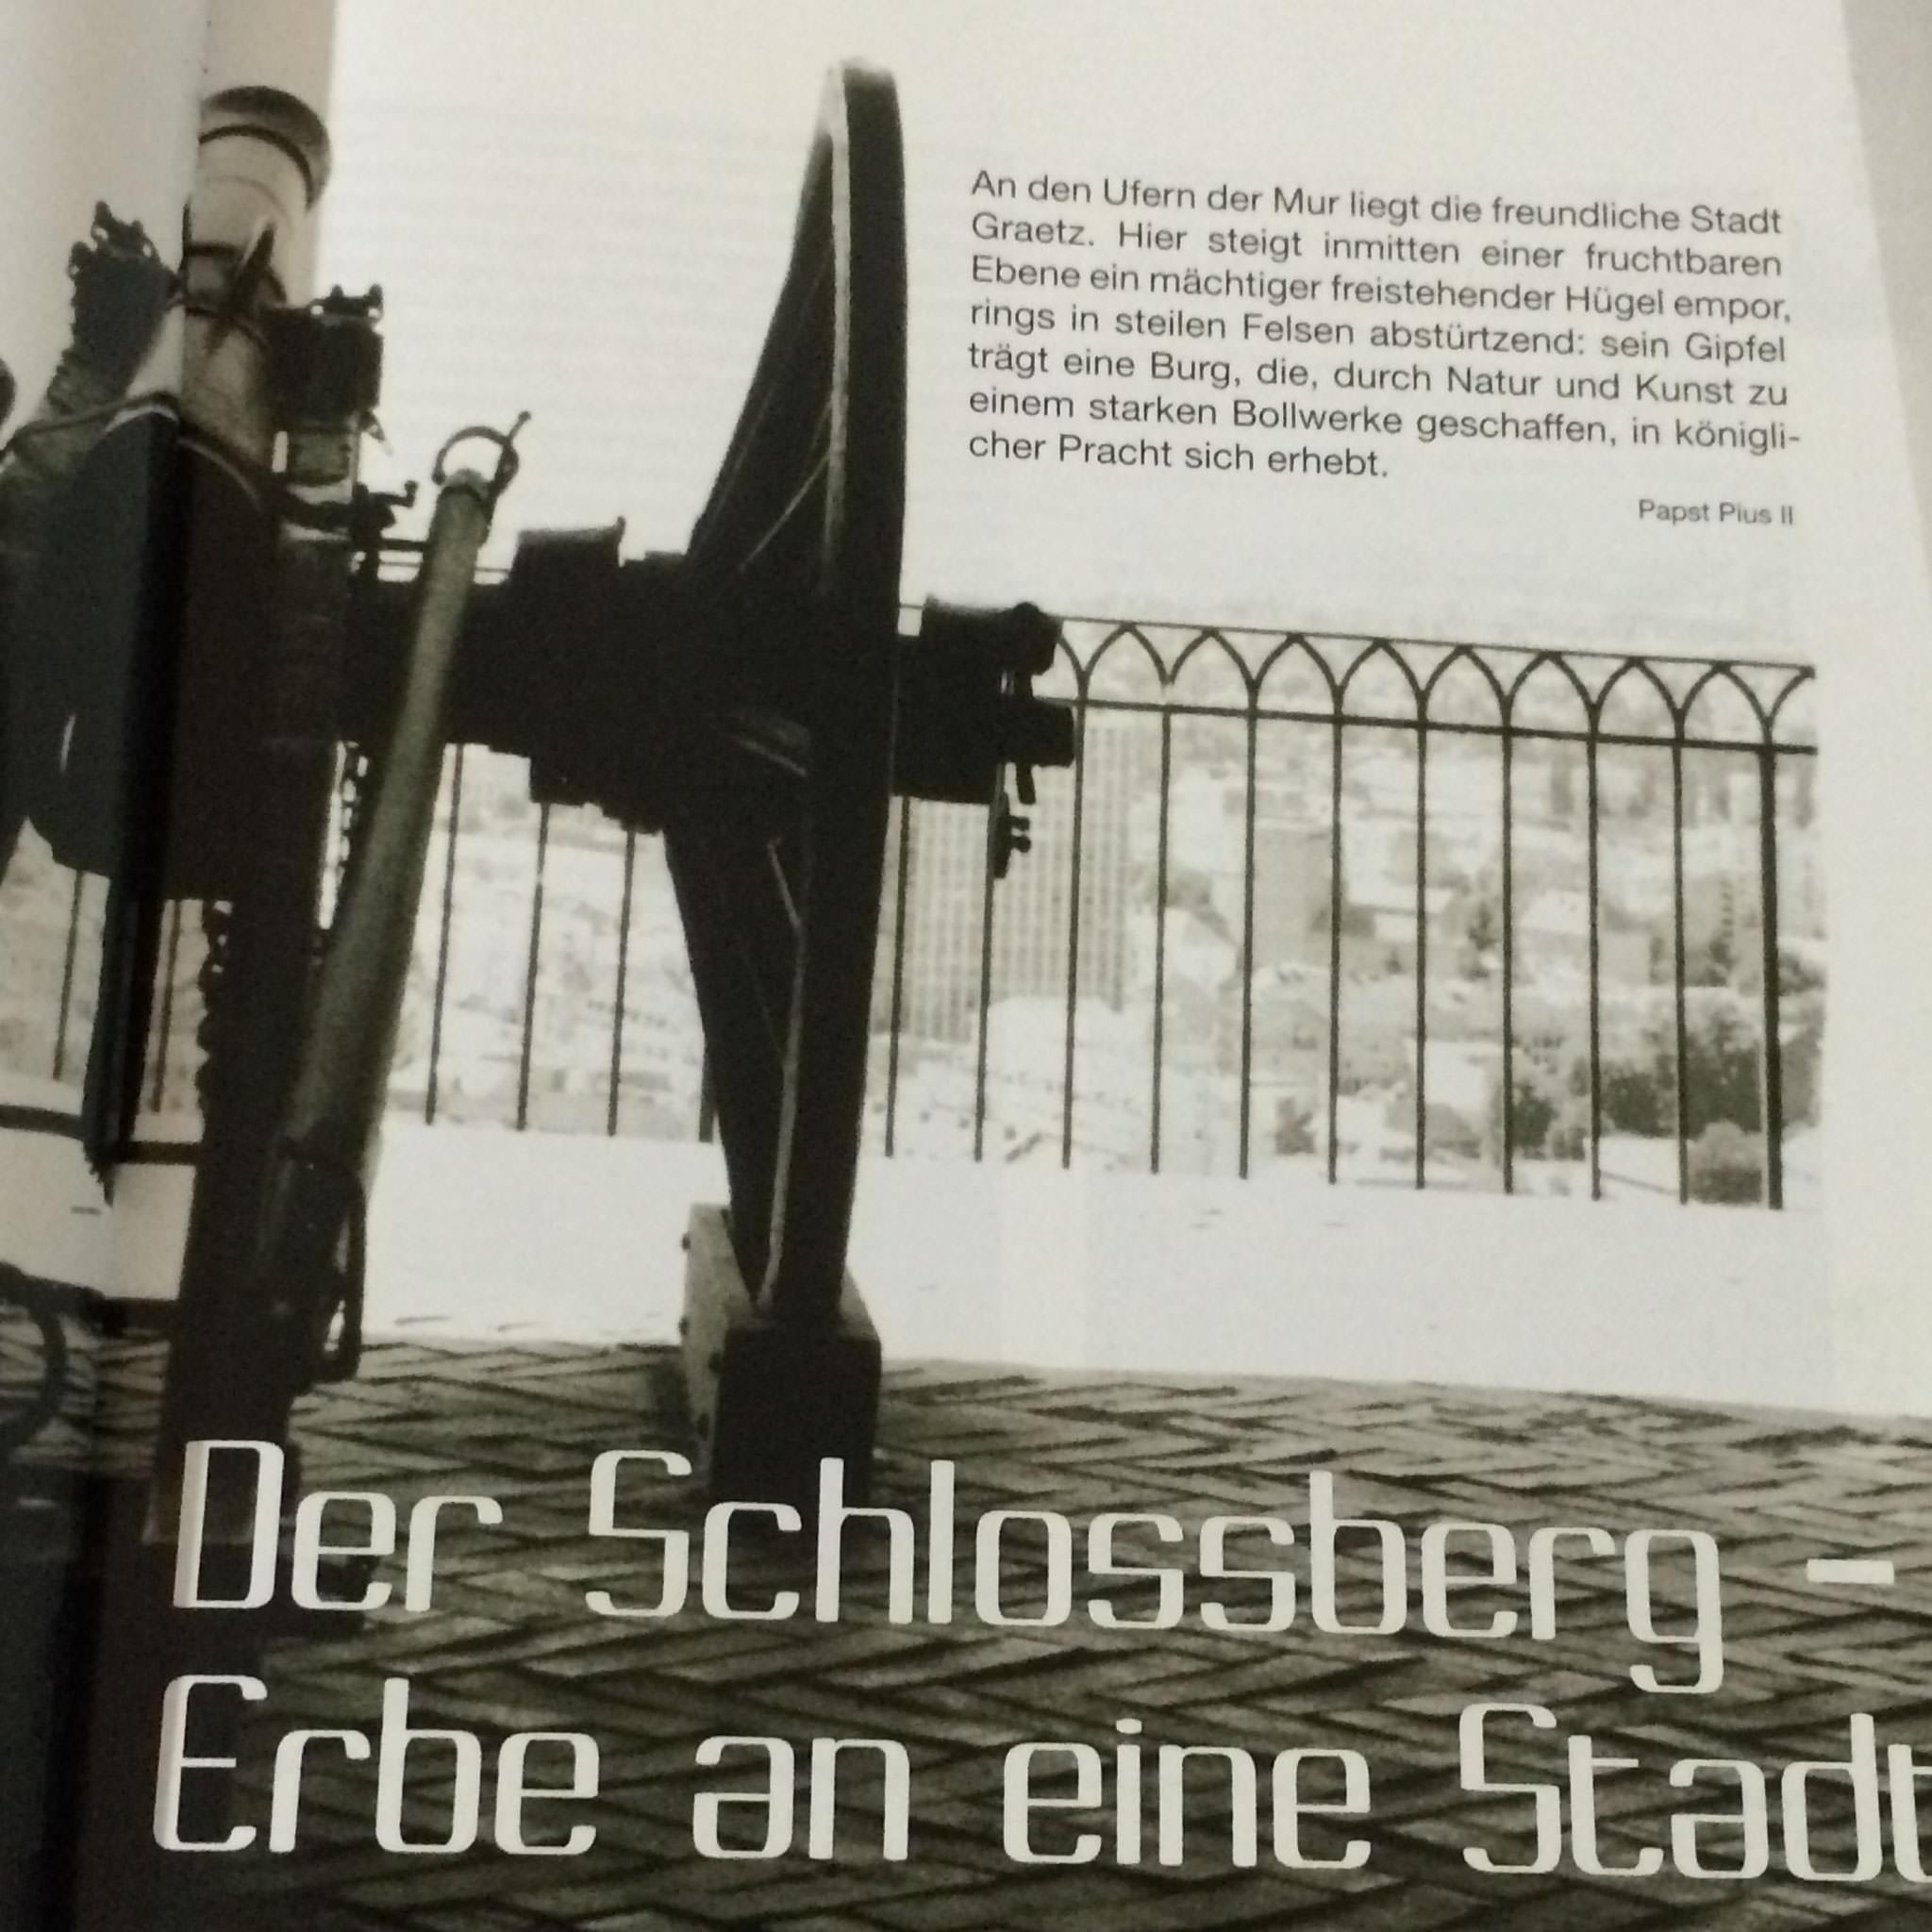 Kulturwissenschaftliche Abhandlungen & Artikel: HU Berlin, Agentur Strawberry, Graz